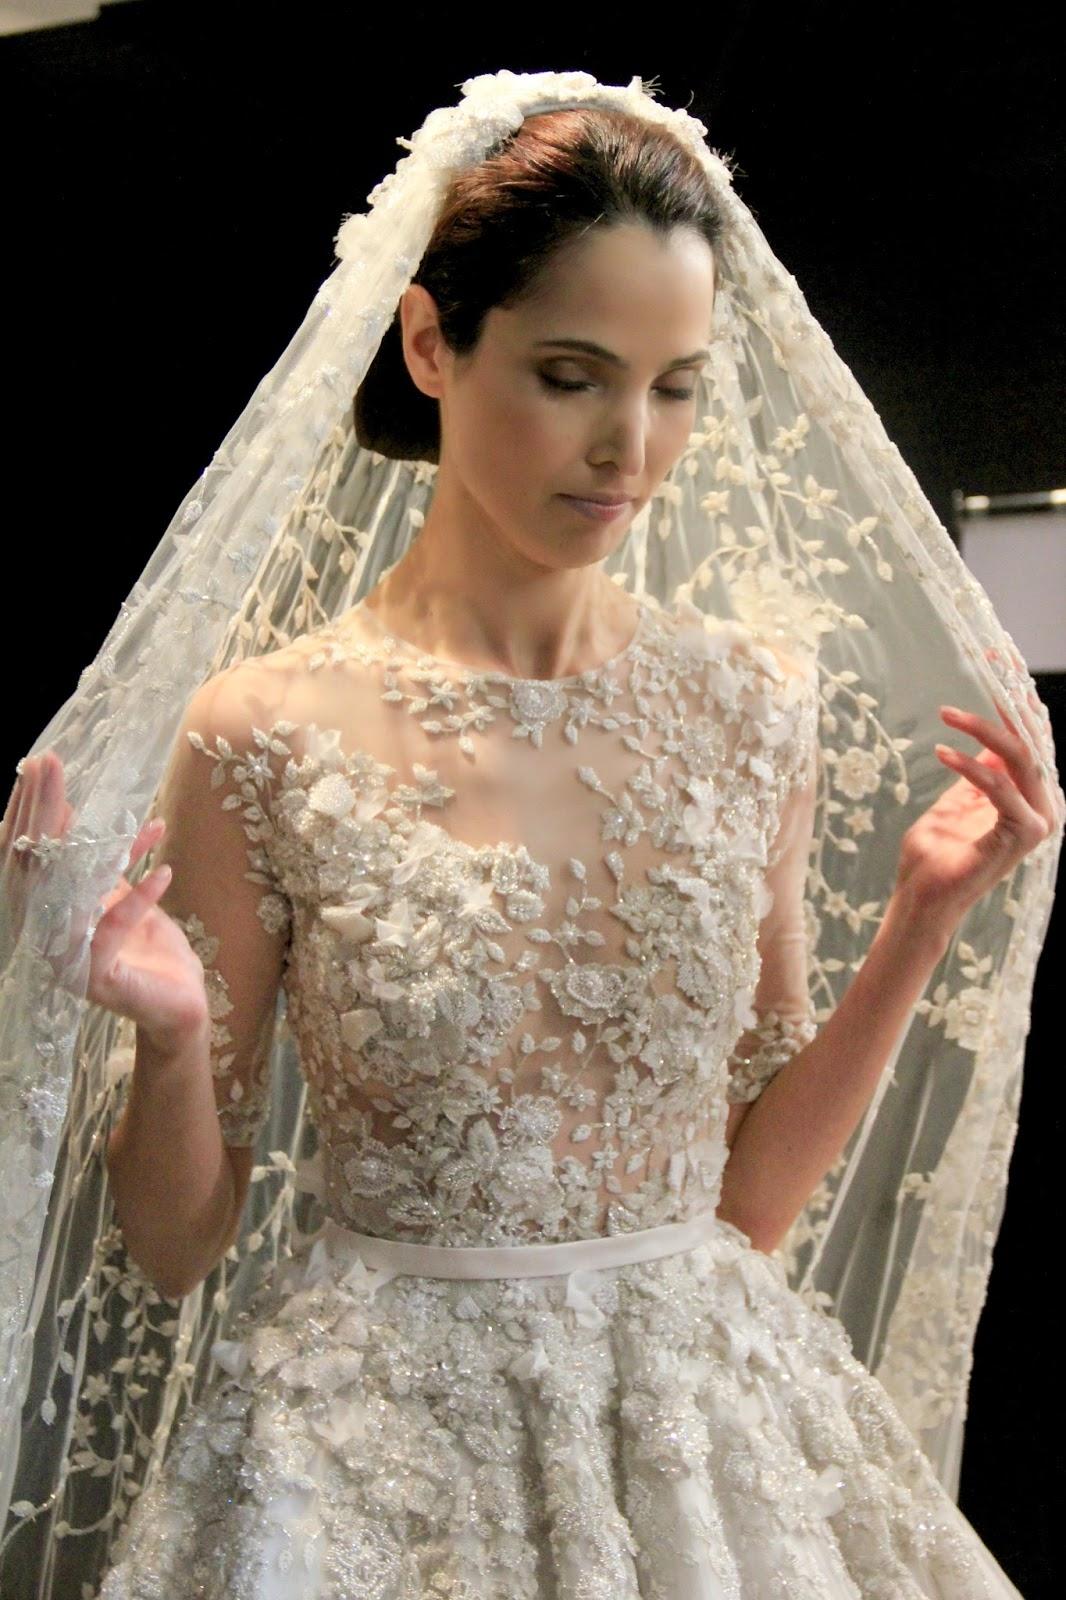 The Bride Signorfandi